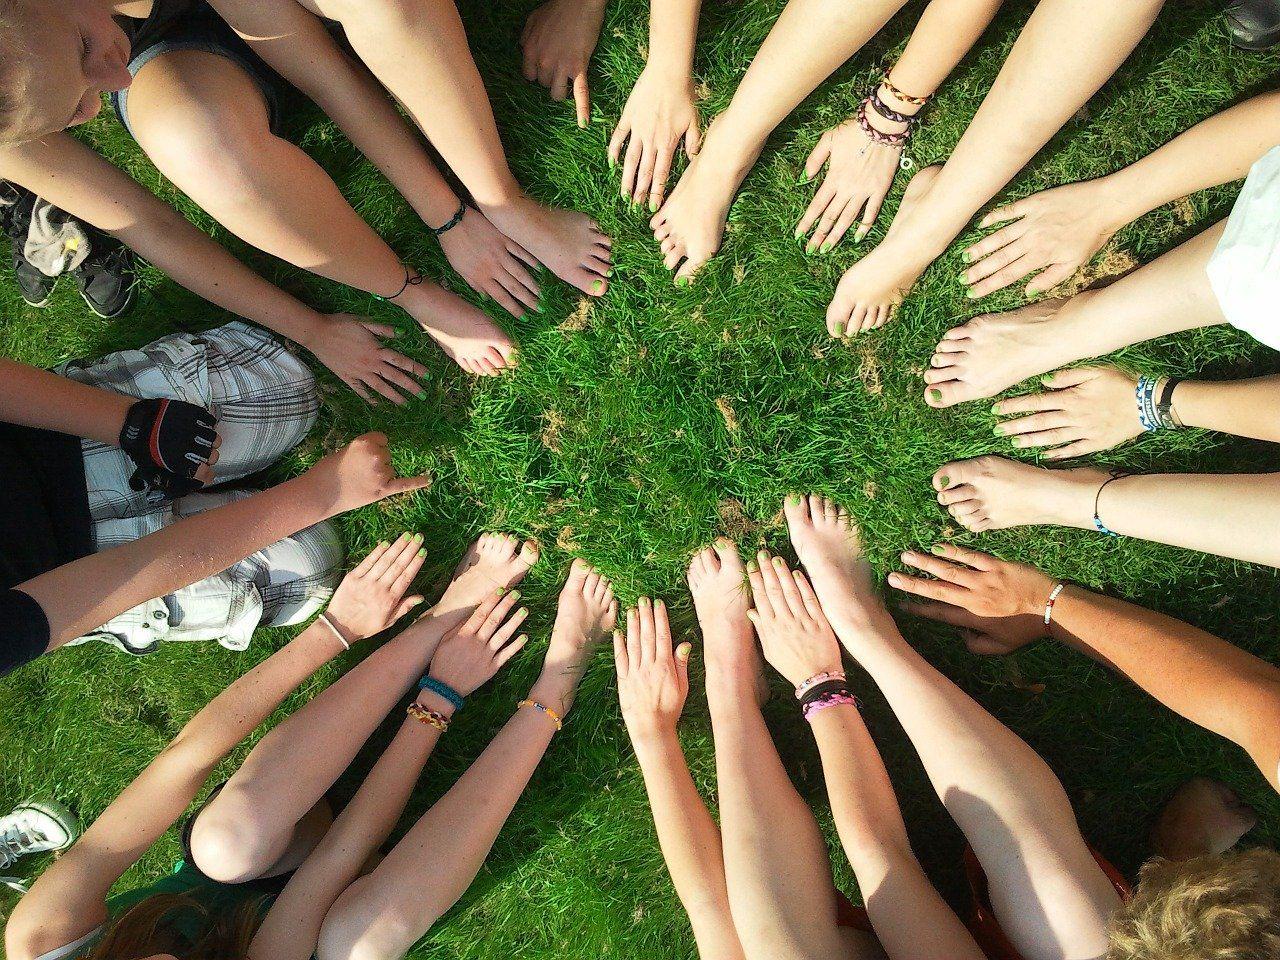 手を出し合って協調性を高める生徒たち